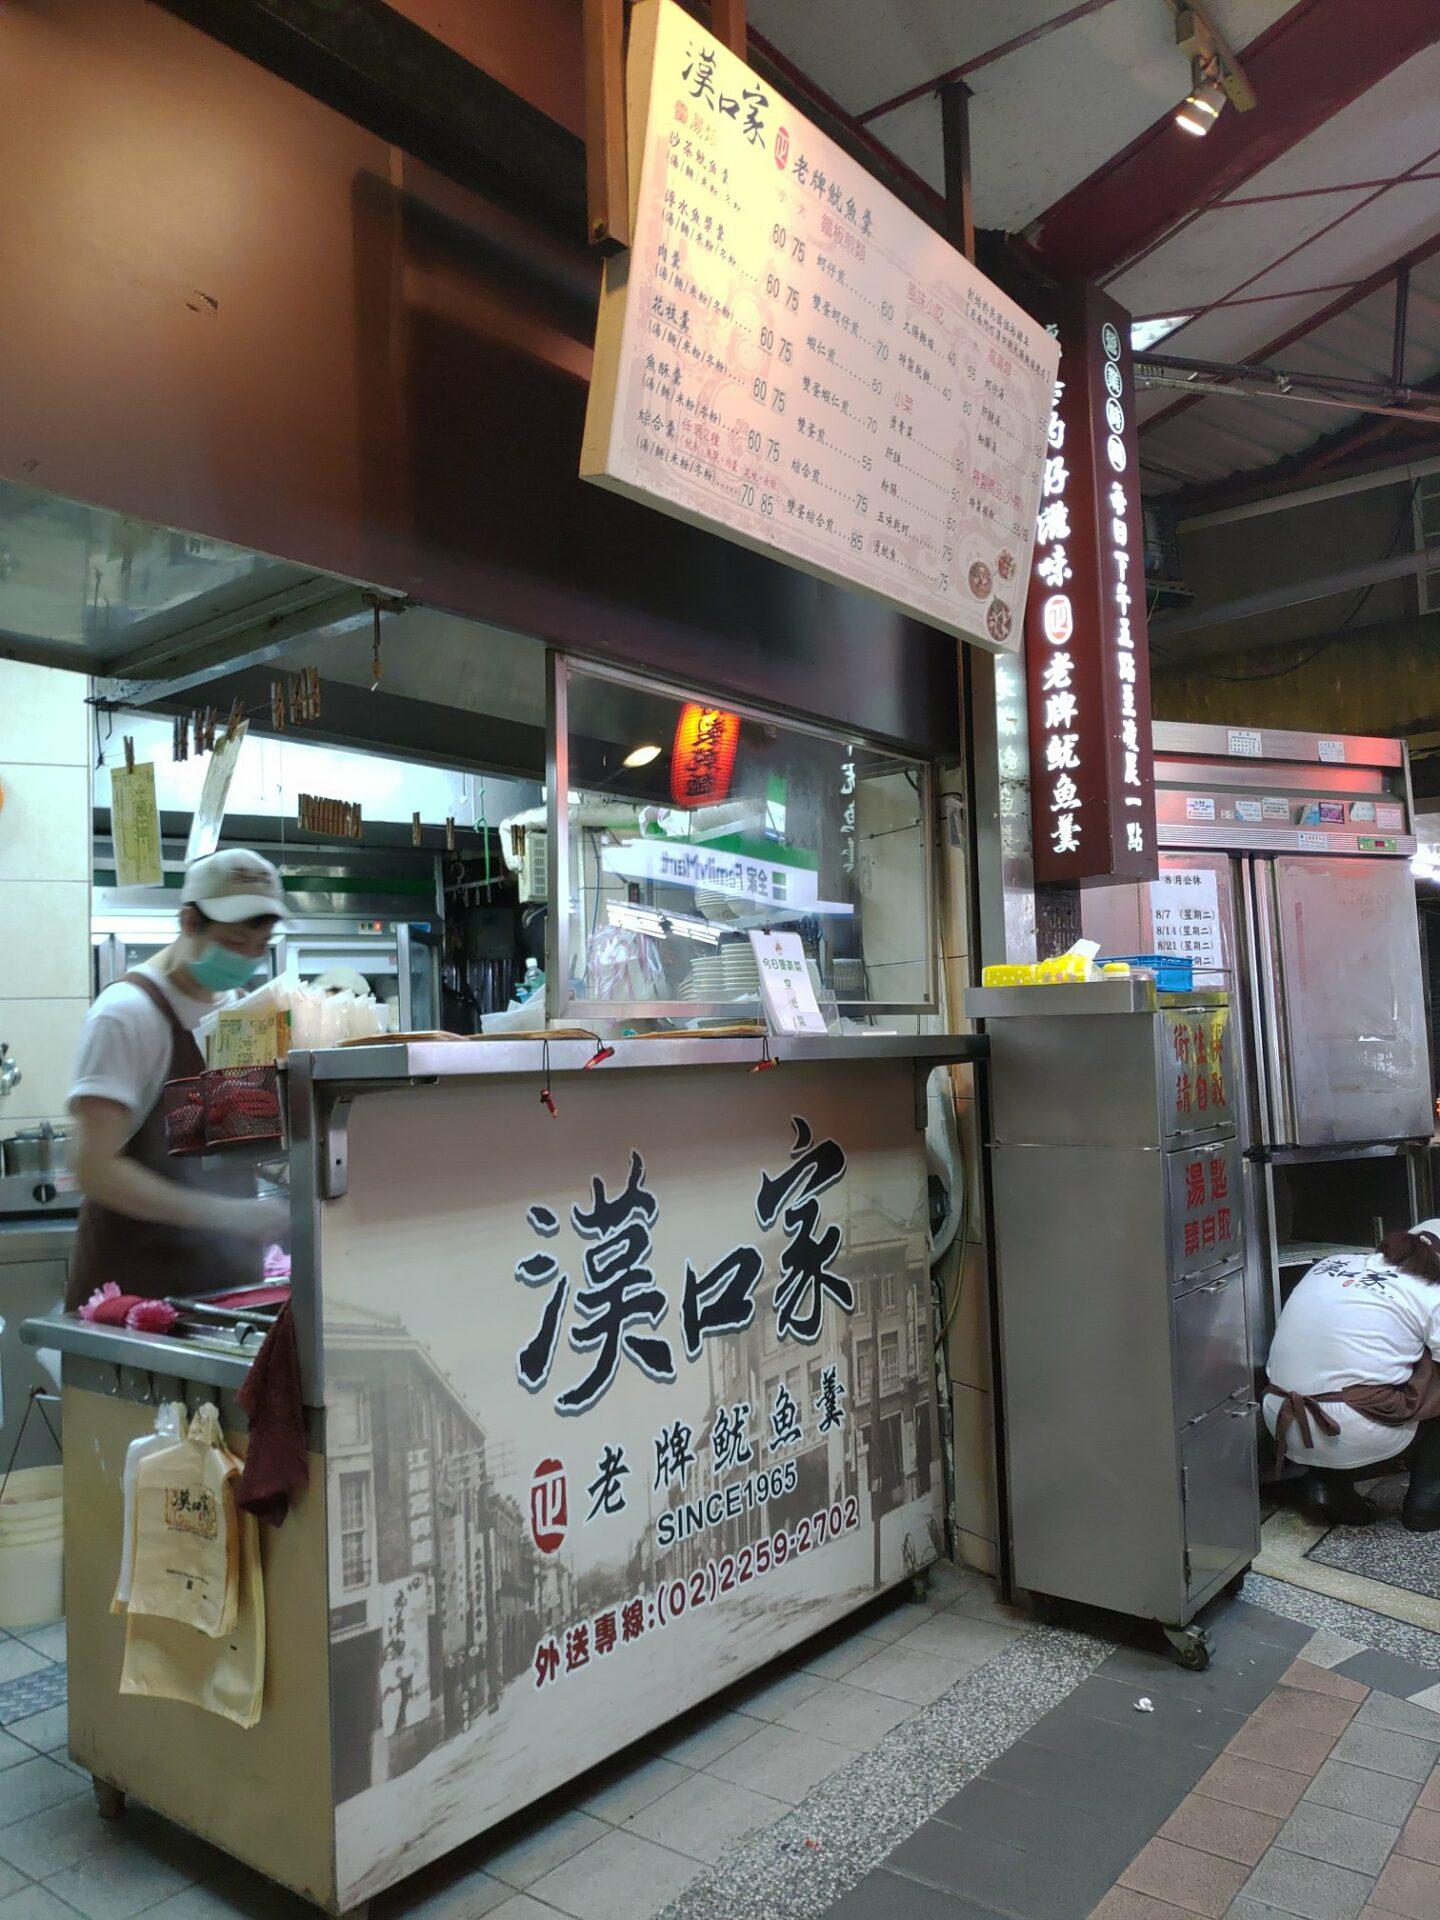 [板橋美食]漢口家老牌魷魚羹,蚵仔好鮮,脆皮特製醬料讓人一口接一口停不了!